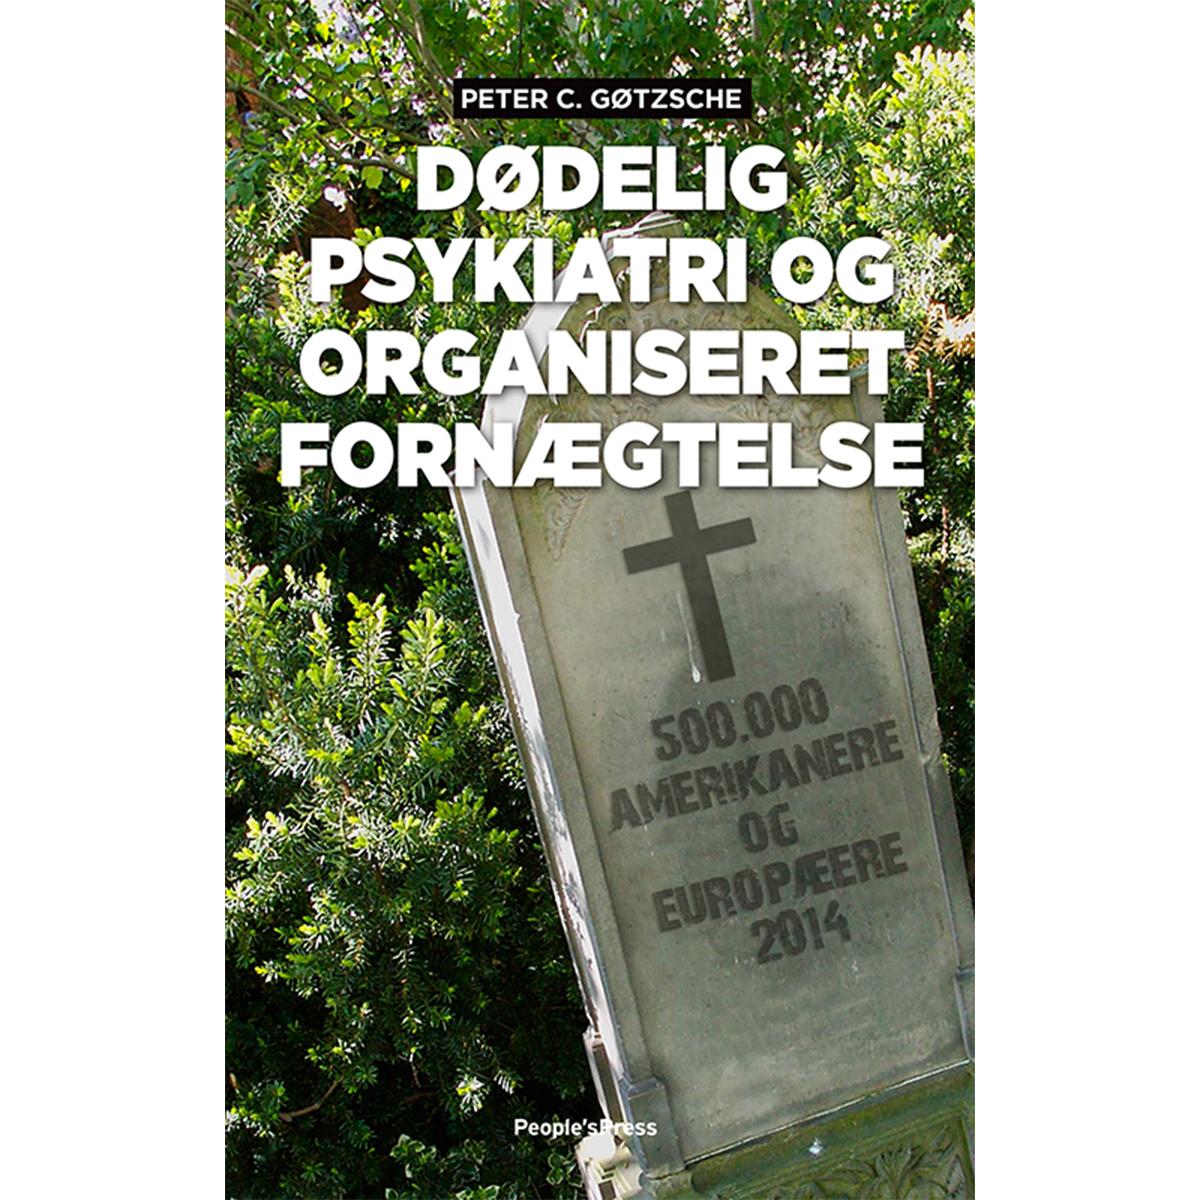 Image of   Dødelig psykiatri og organiseret fornægtelse - Hæftet